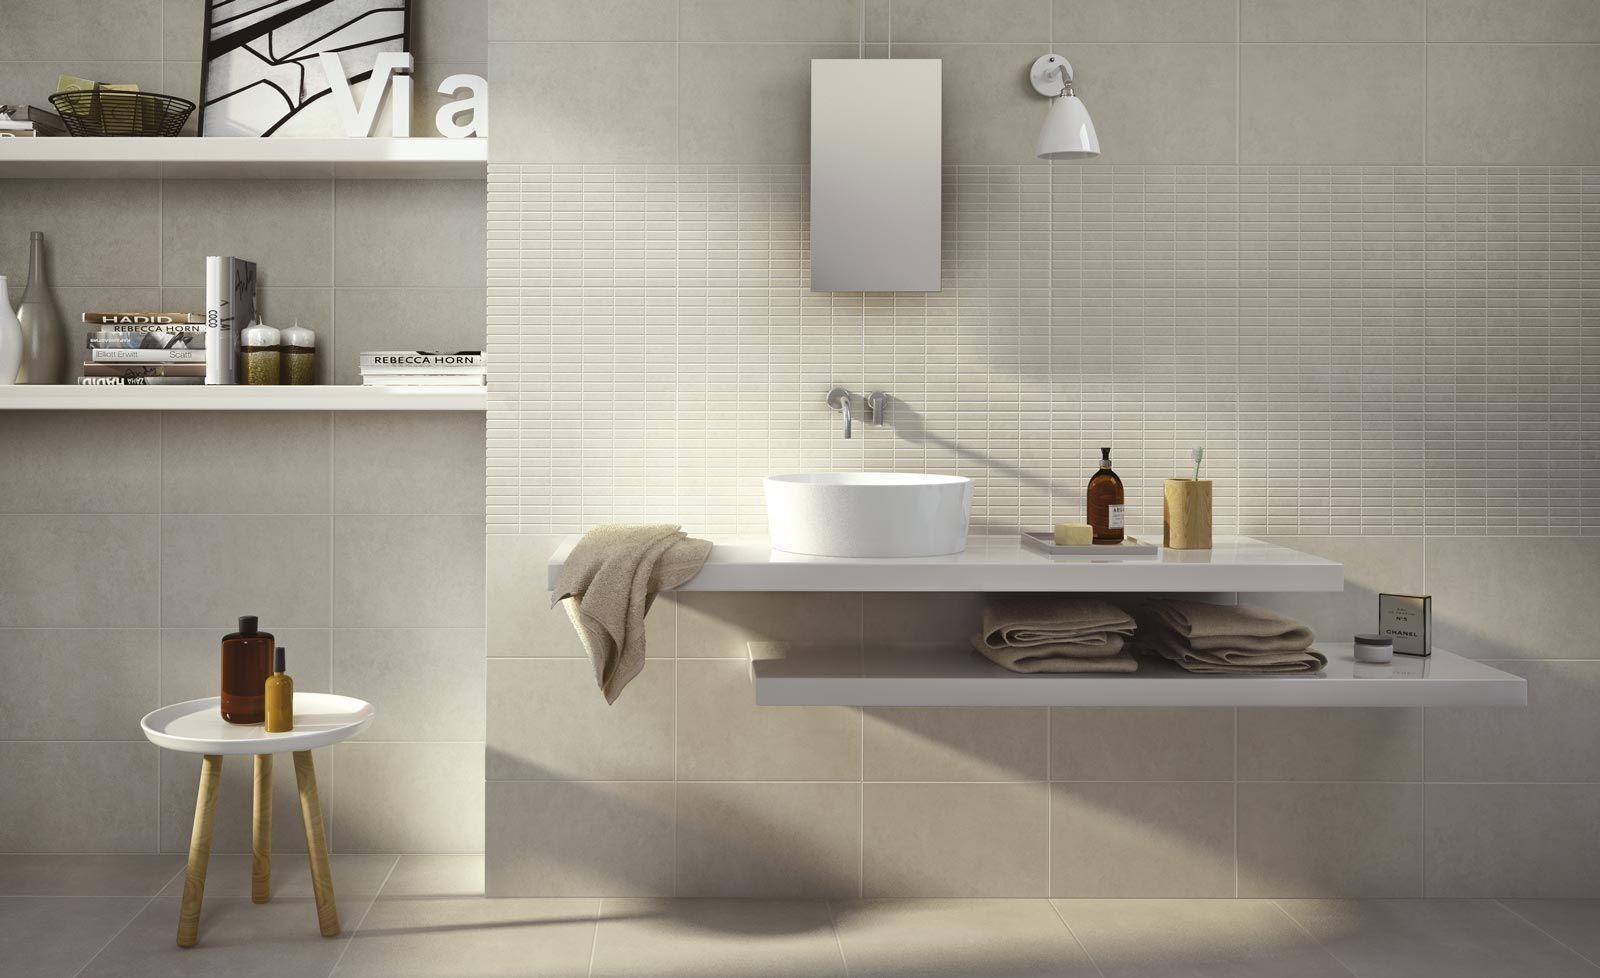 Casablanca mattonelle rivestimenti bagno e cucina - Mattonelle bagno marazzi ...